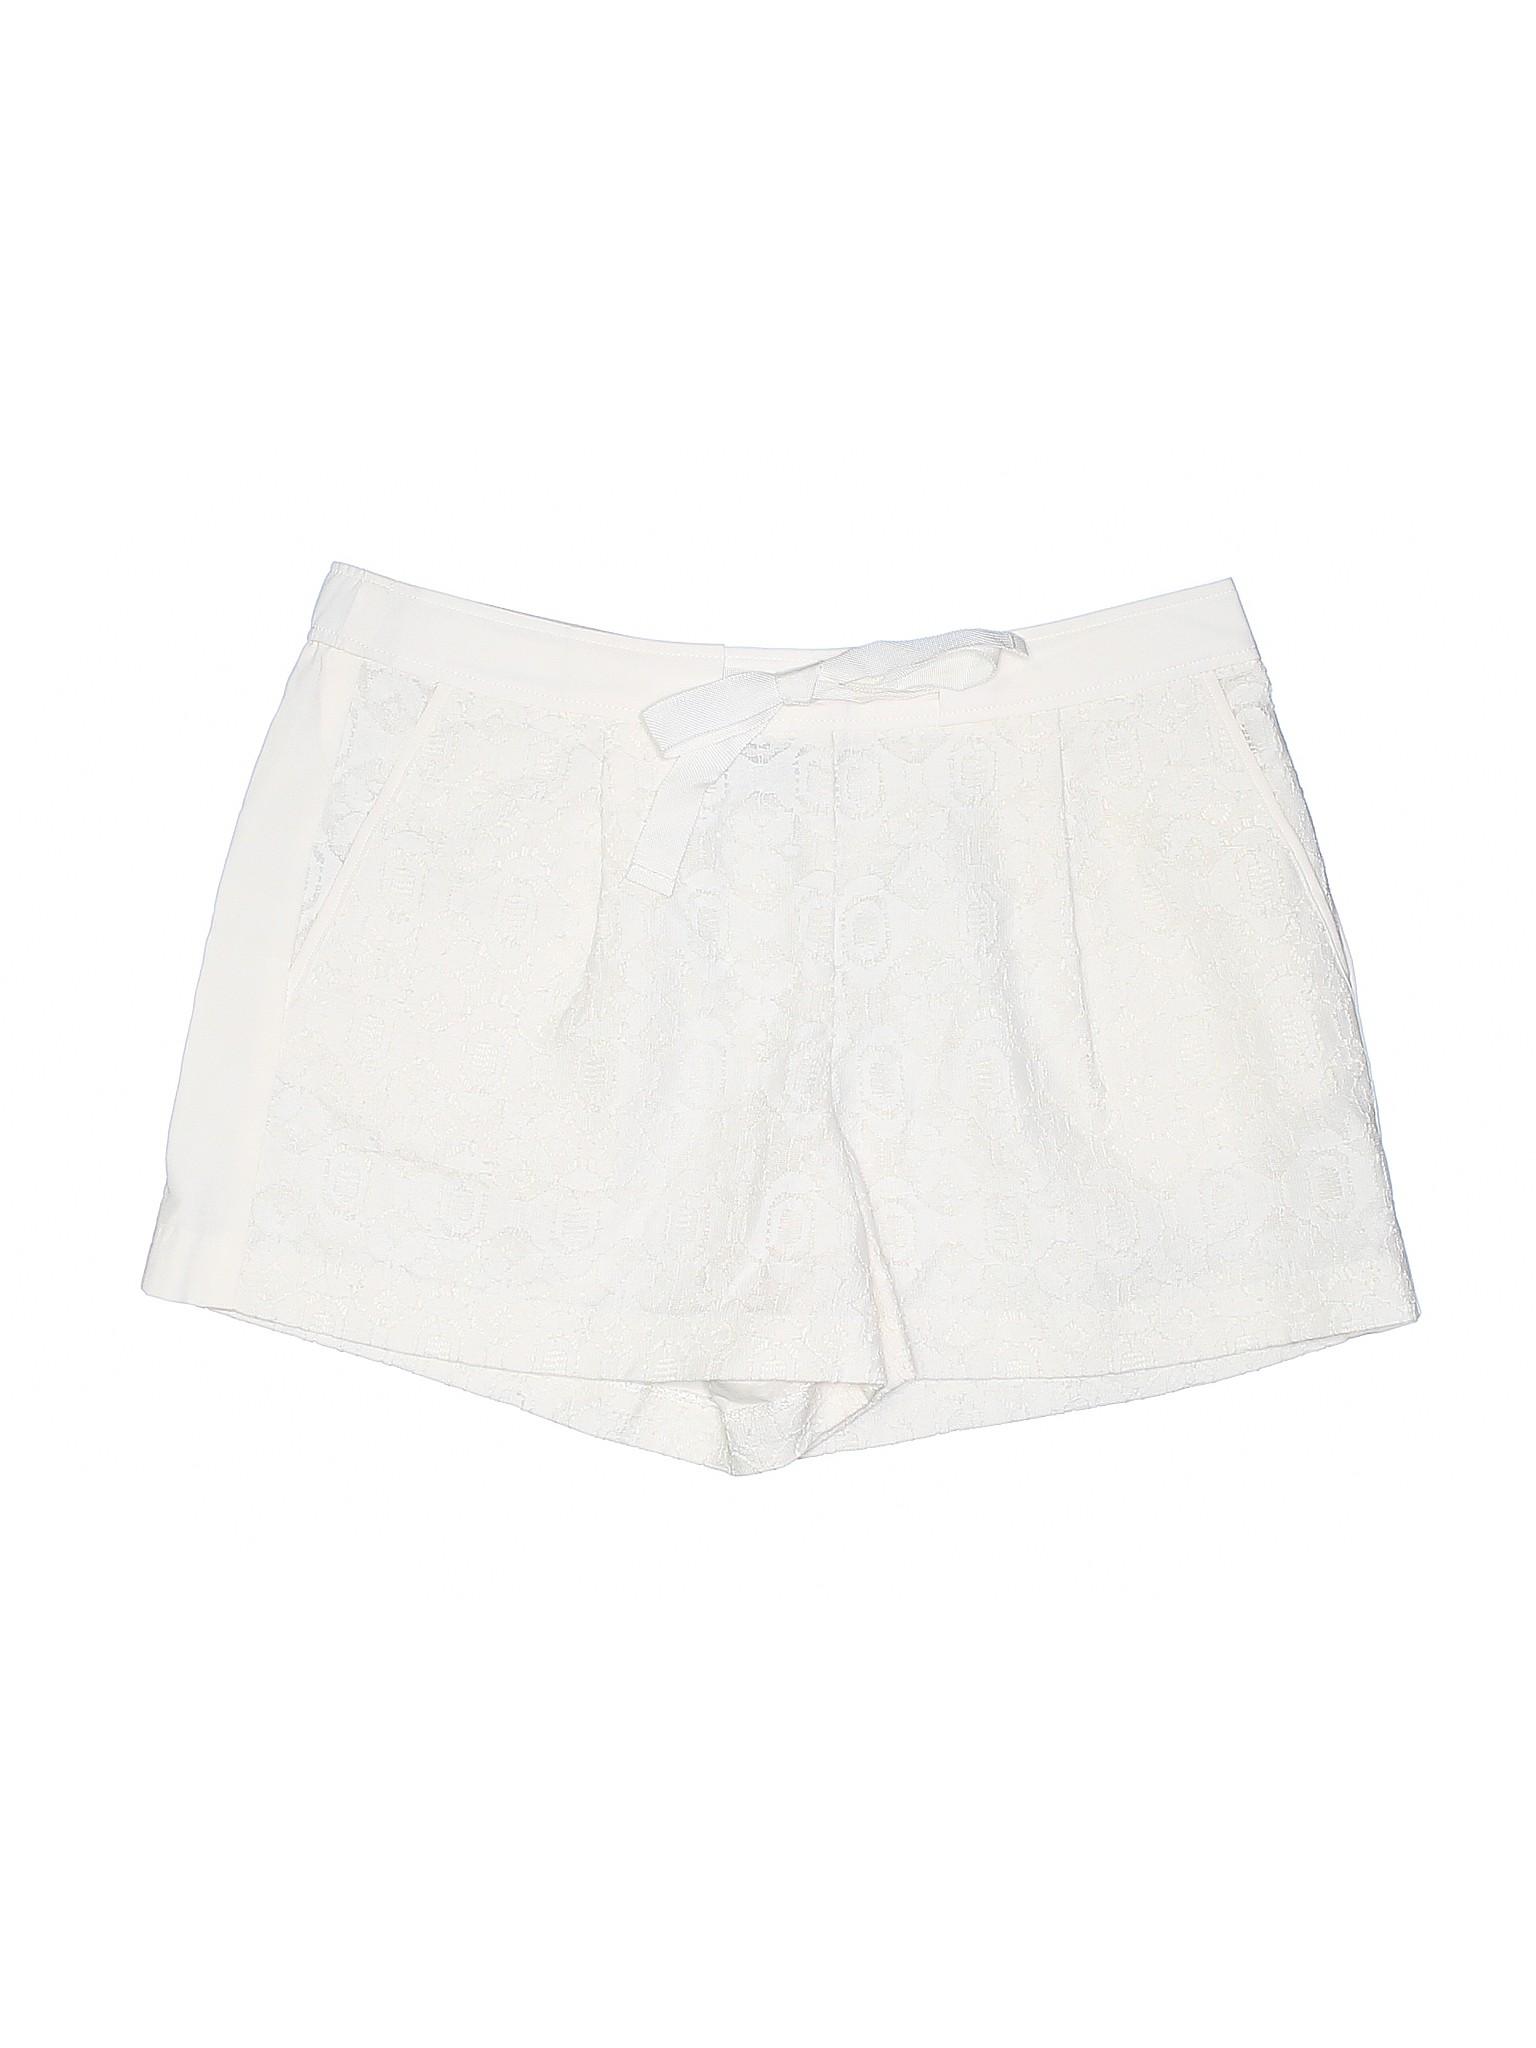 LOFT Ann Shorts Boutique Taylor Dressy 07c6Eq